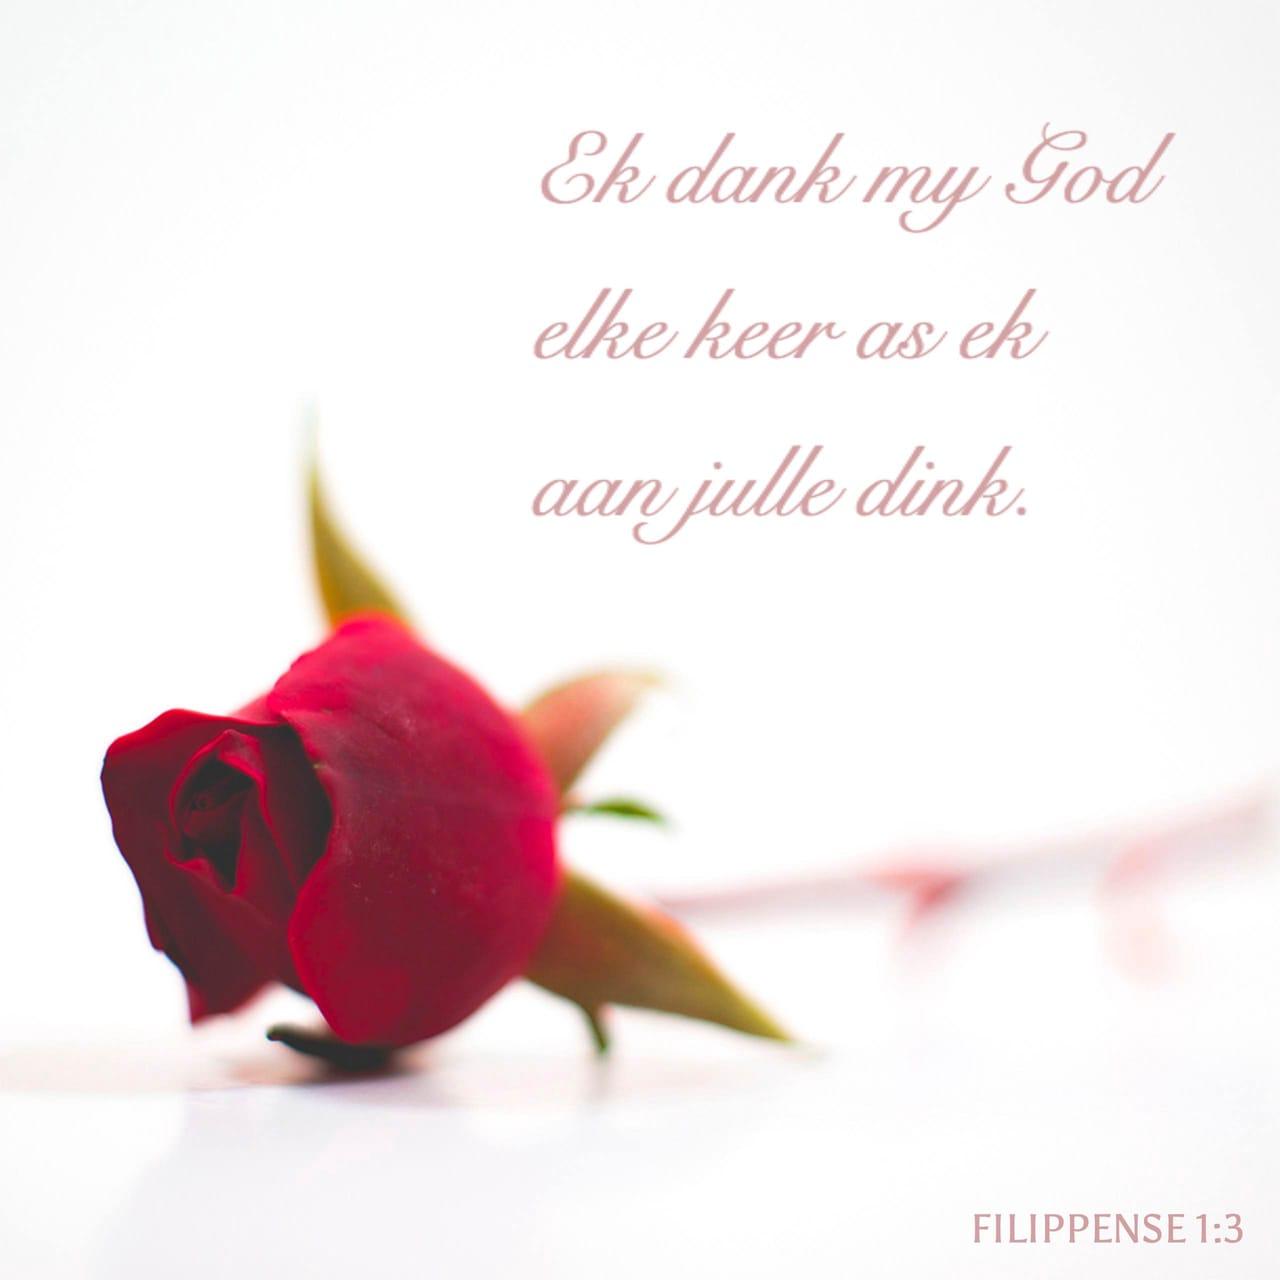 Ek dank my God elke keer as ek aan julle dink. - Filippense 1:3 - Versbeeld